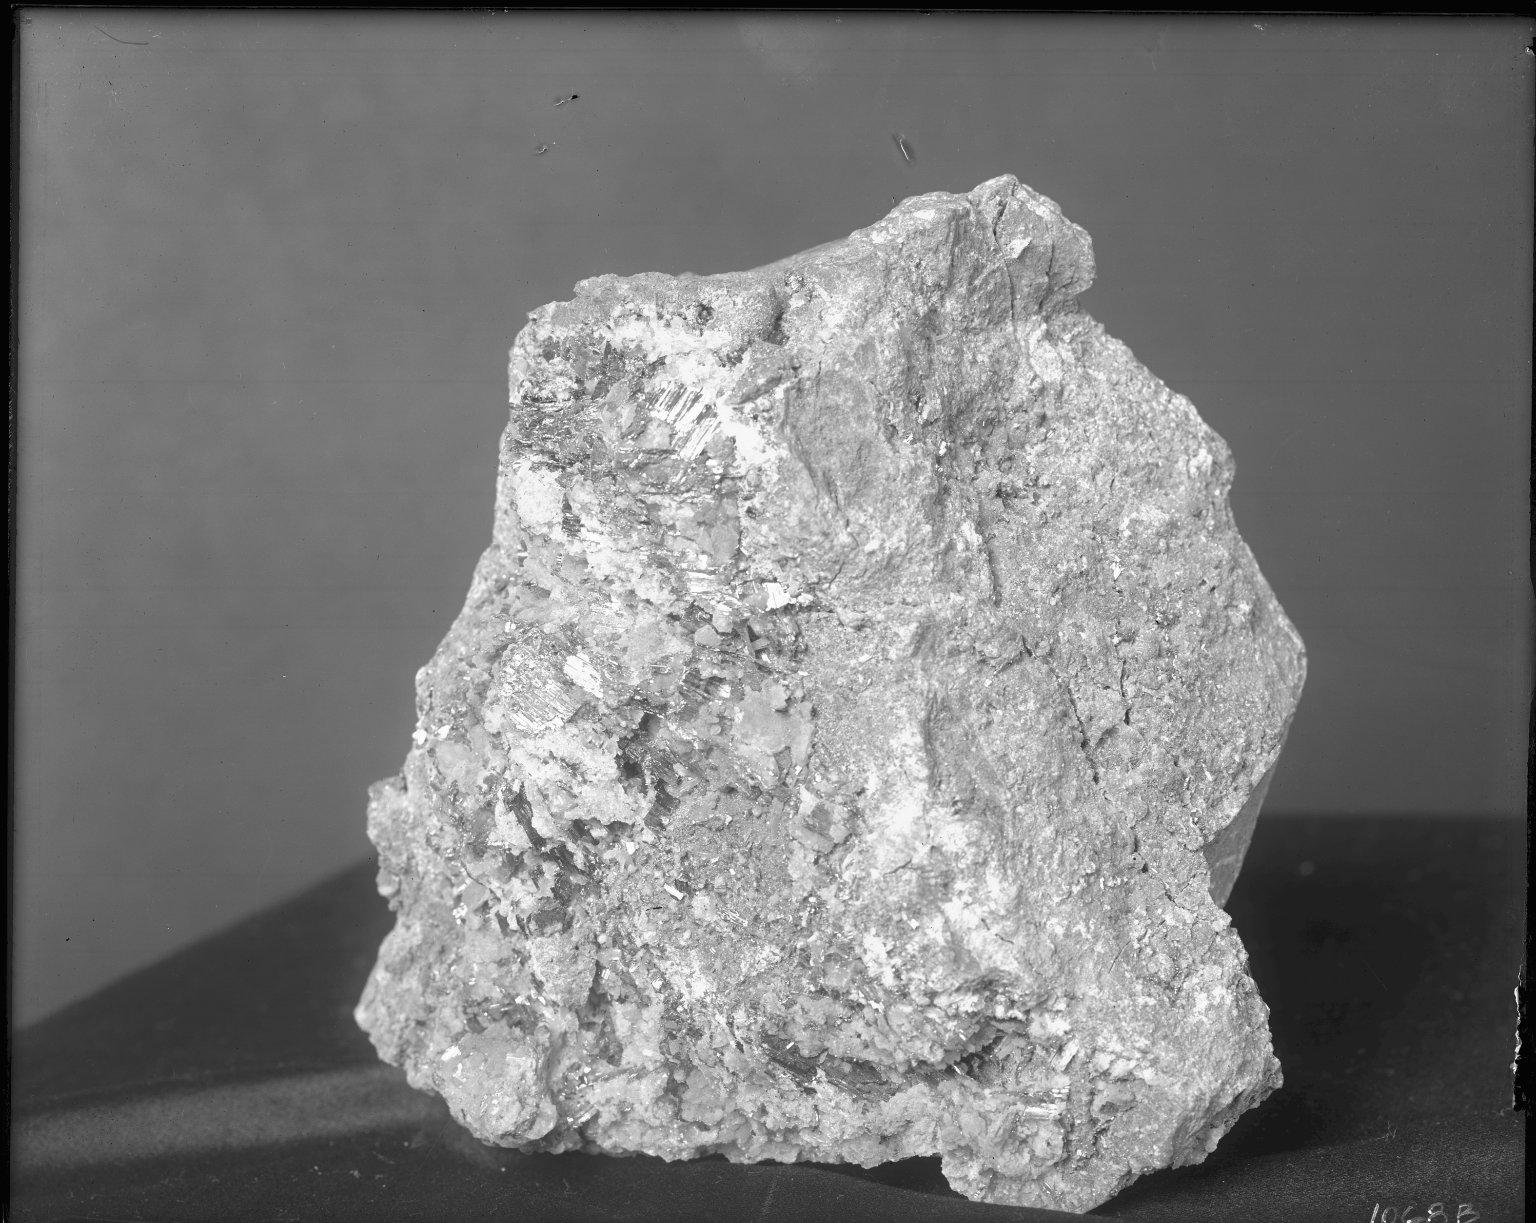 Specimen of Calaverite from Crescent Mine